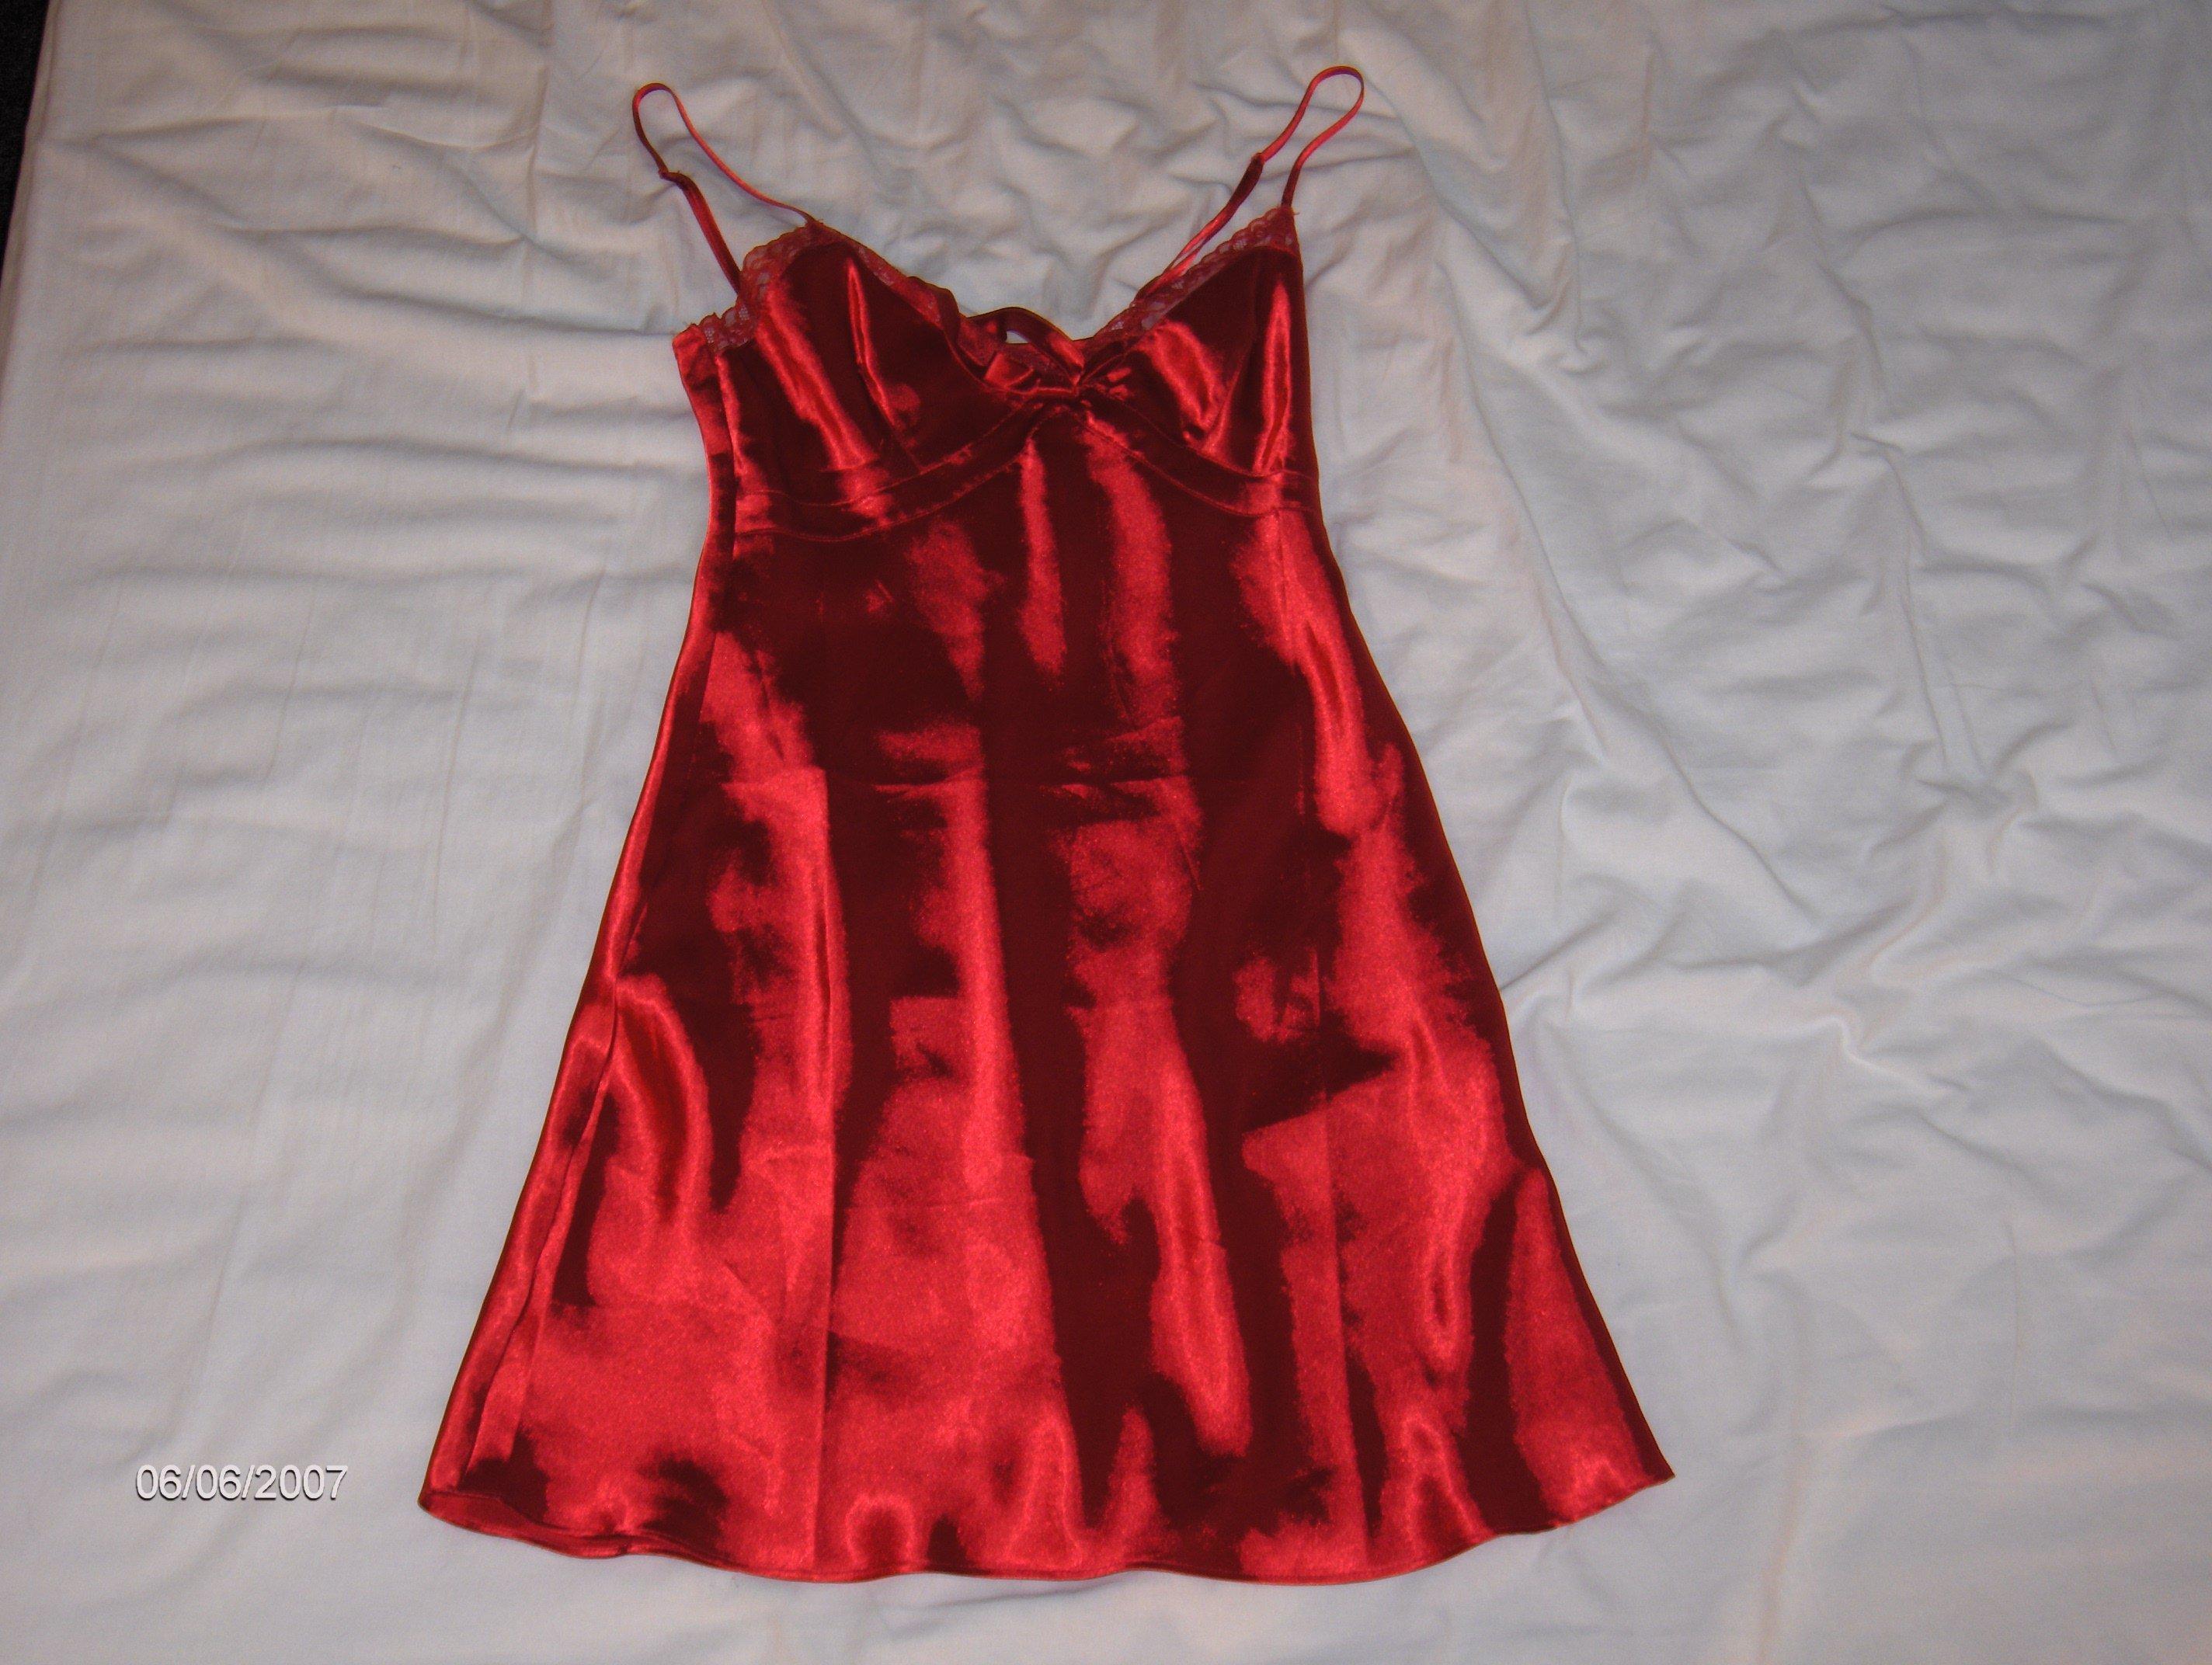 une nuisette rouge v tements amp accessoires divers